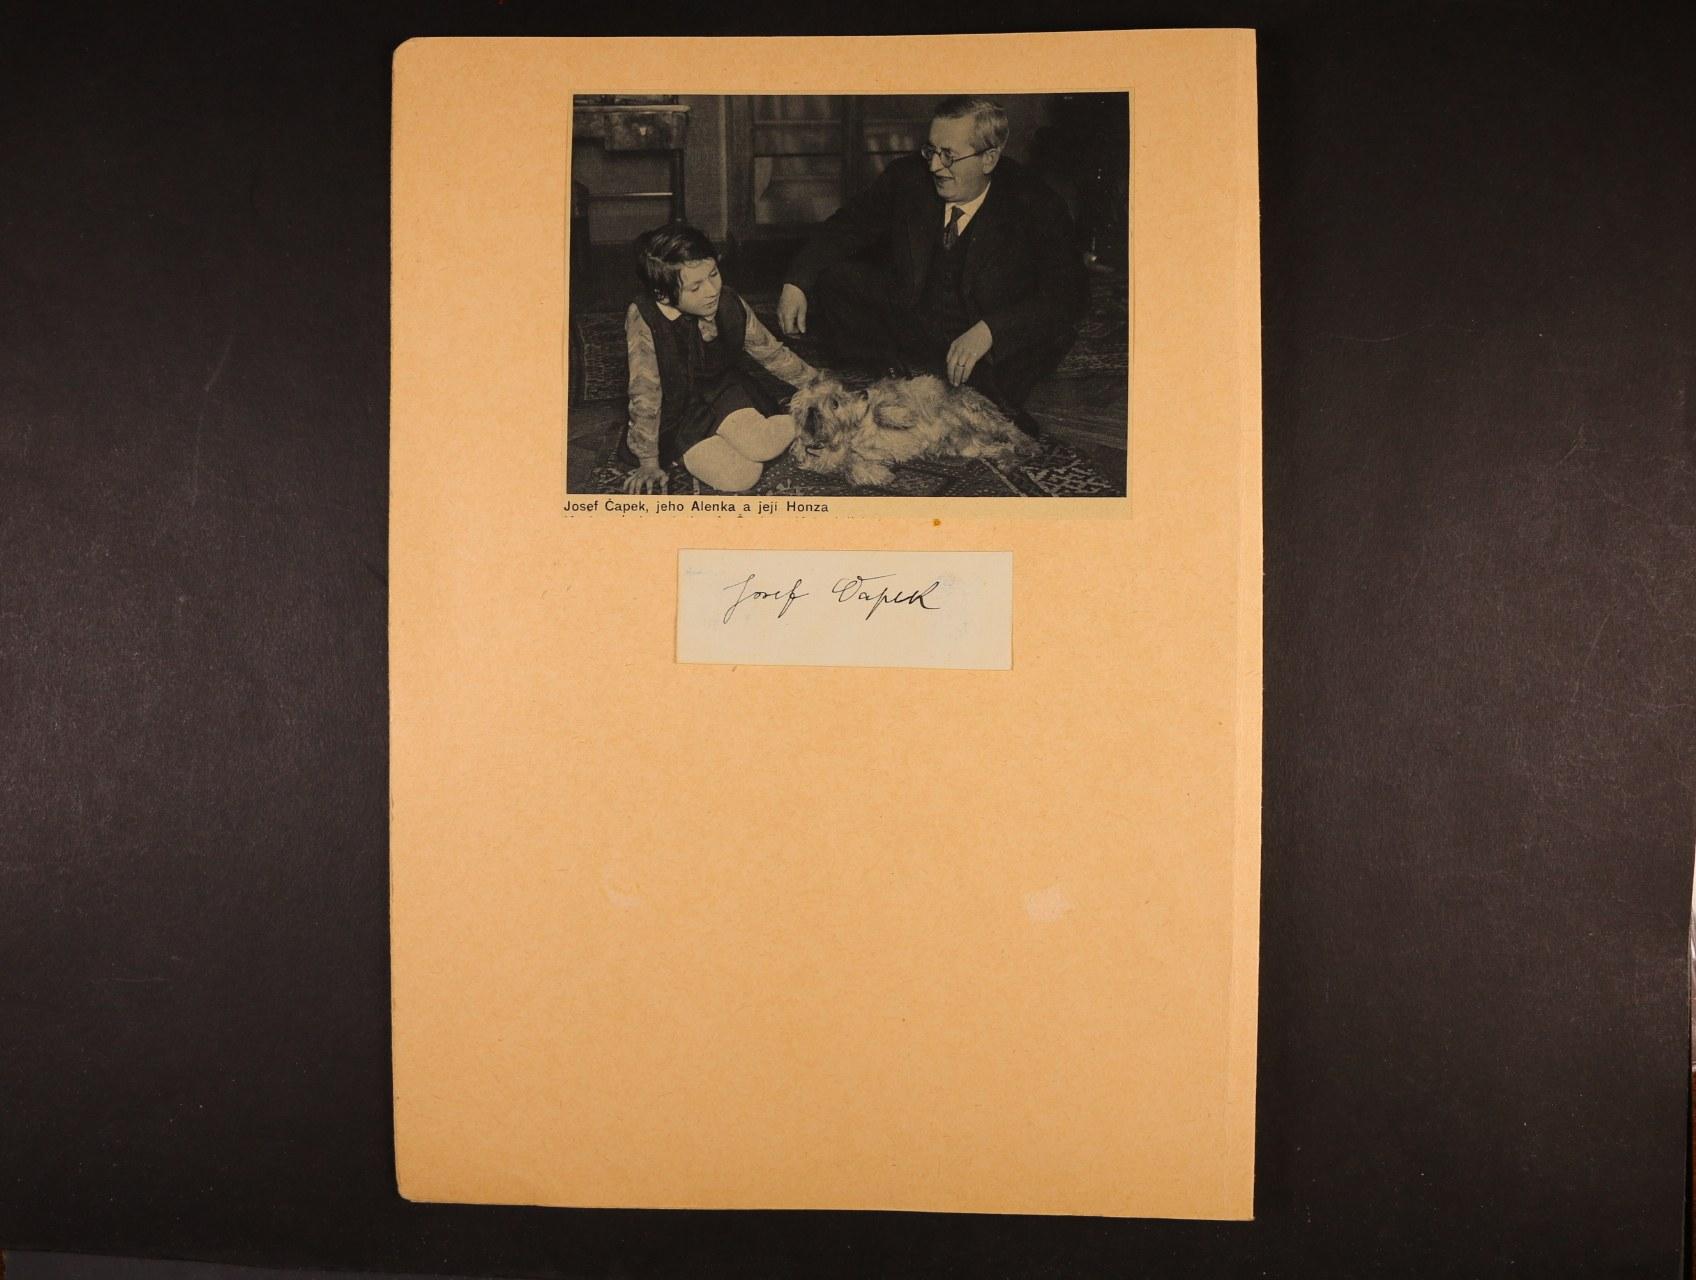 Čapek Josef 1887 - 1945, význačný český malíř, grafik, knižní ilustrátor a spisovatel - karton vizitka s vlastnoručním podpisem